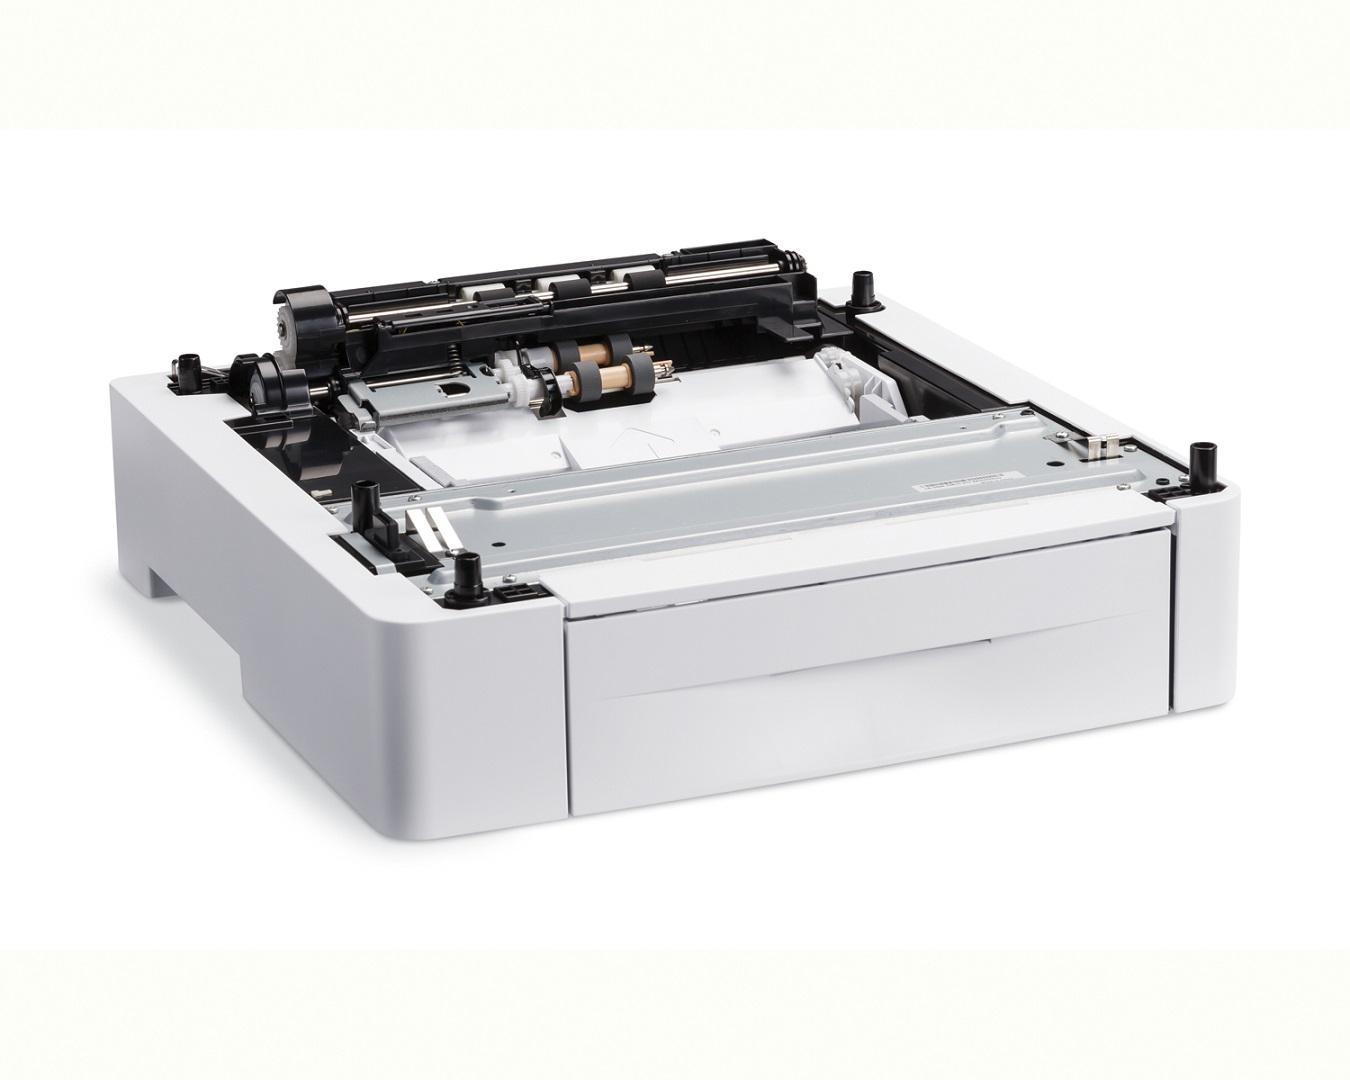 Xerox 550-Sheet Feeder (3615, B40x)